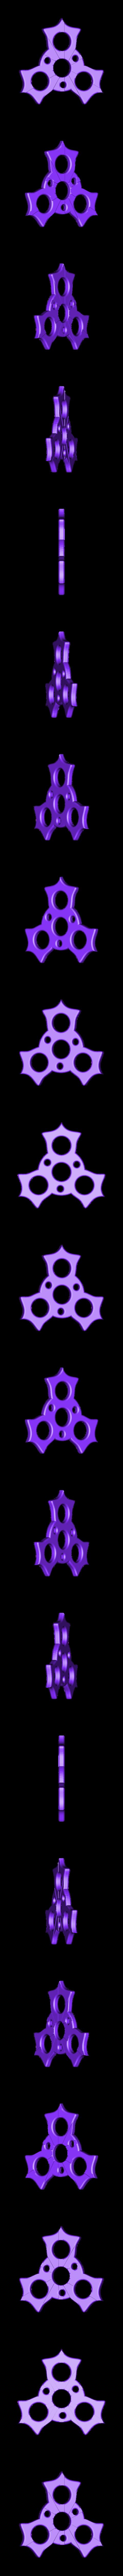 Spinner_1_big_hands.stl Télécharger fichier STL gratuit Spinner Collection • Plan à imprimer en 3D, squiqui